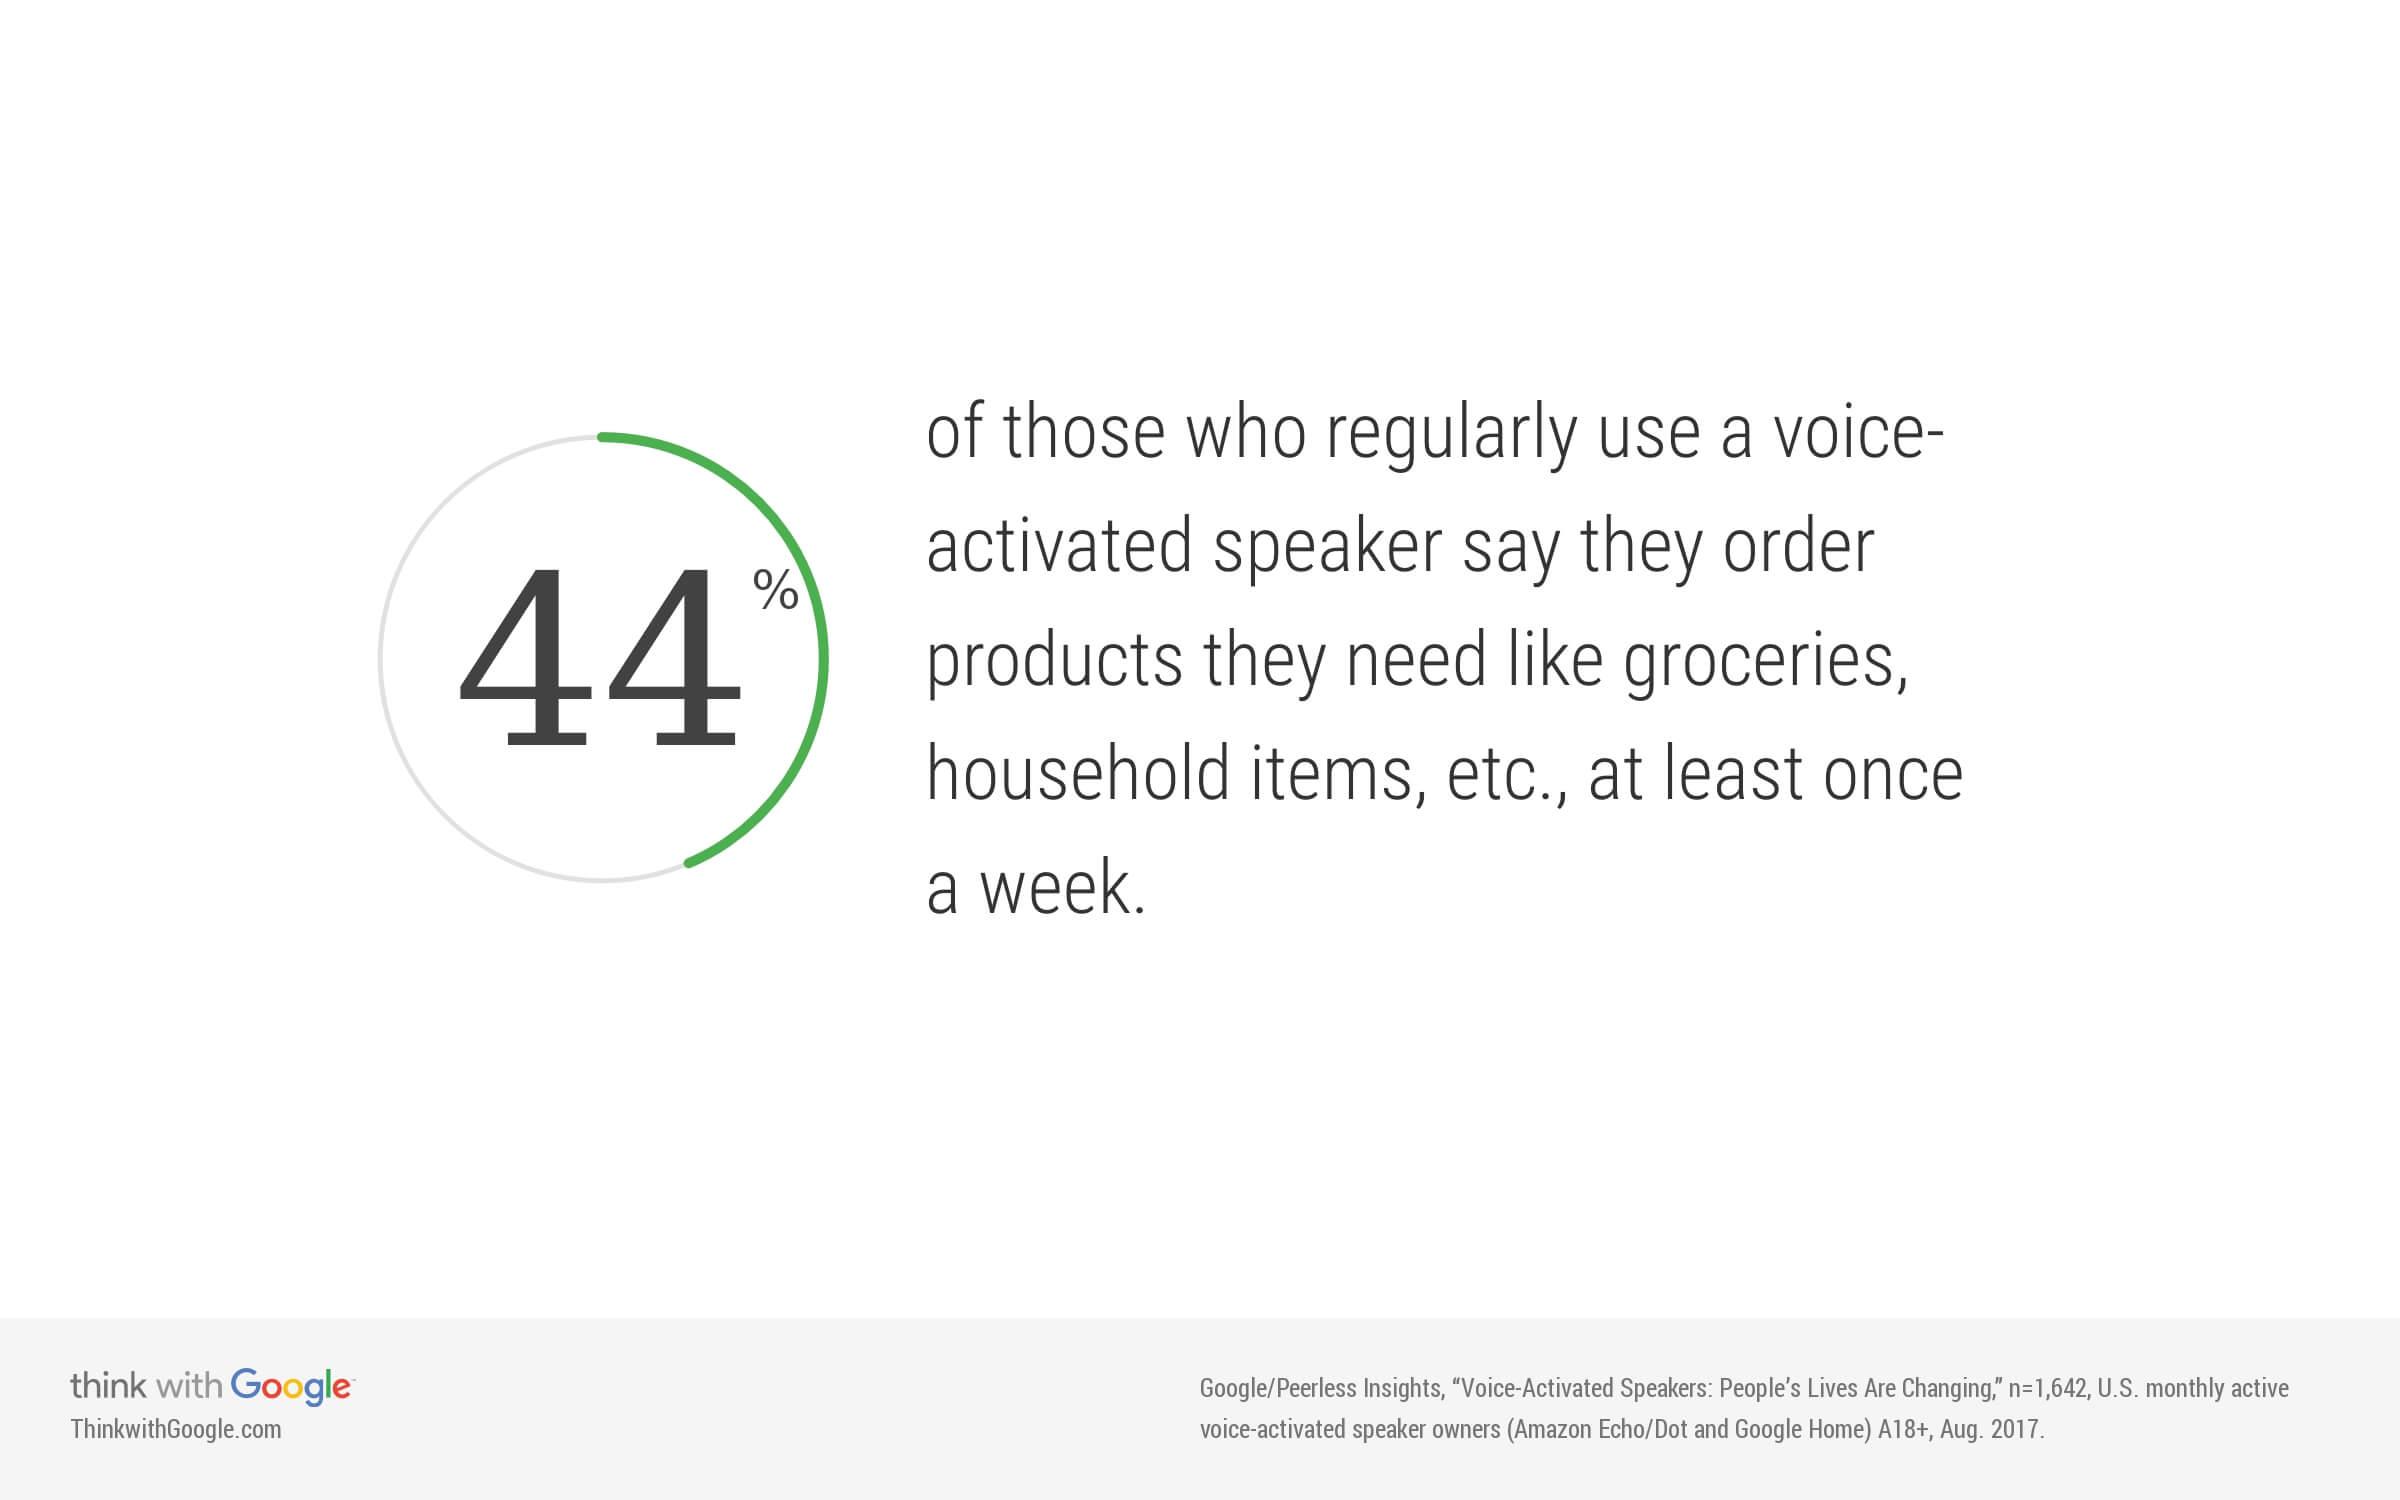 denk wekelijks via slimme speaker aankoop te doen huishoudelijke artikelen